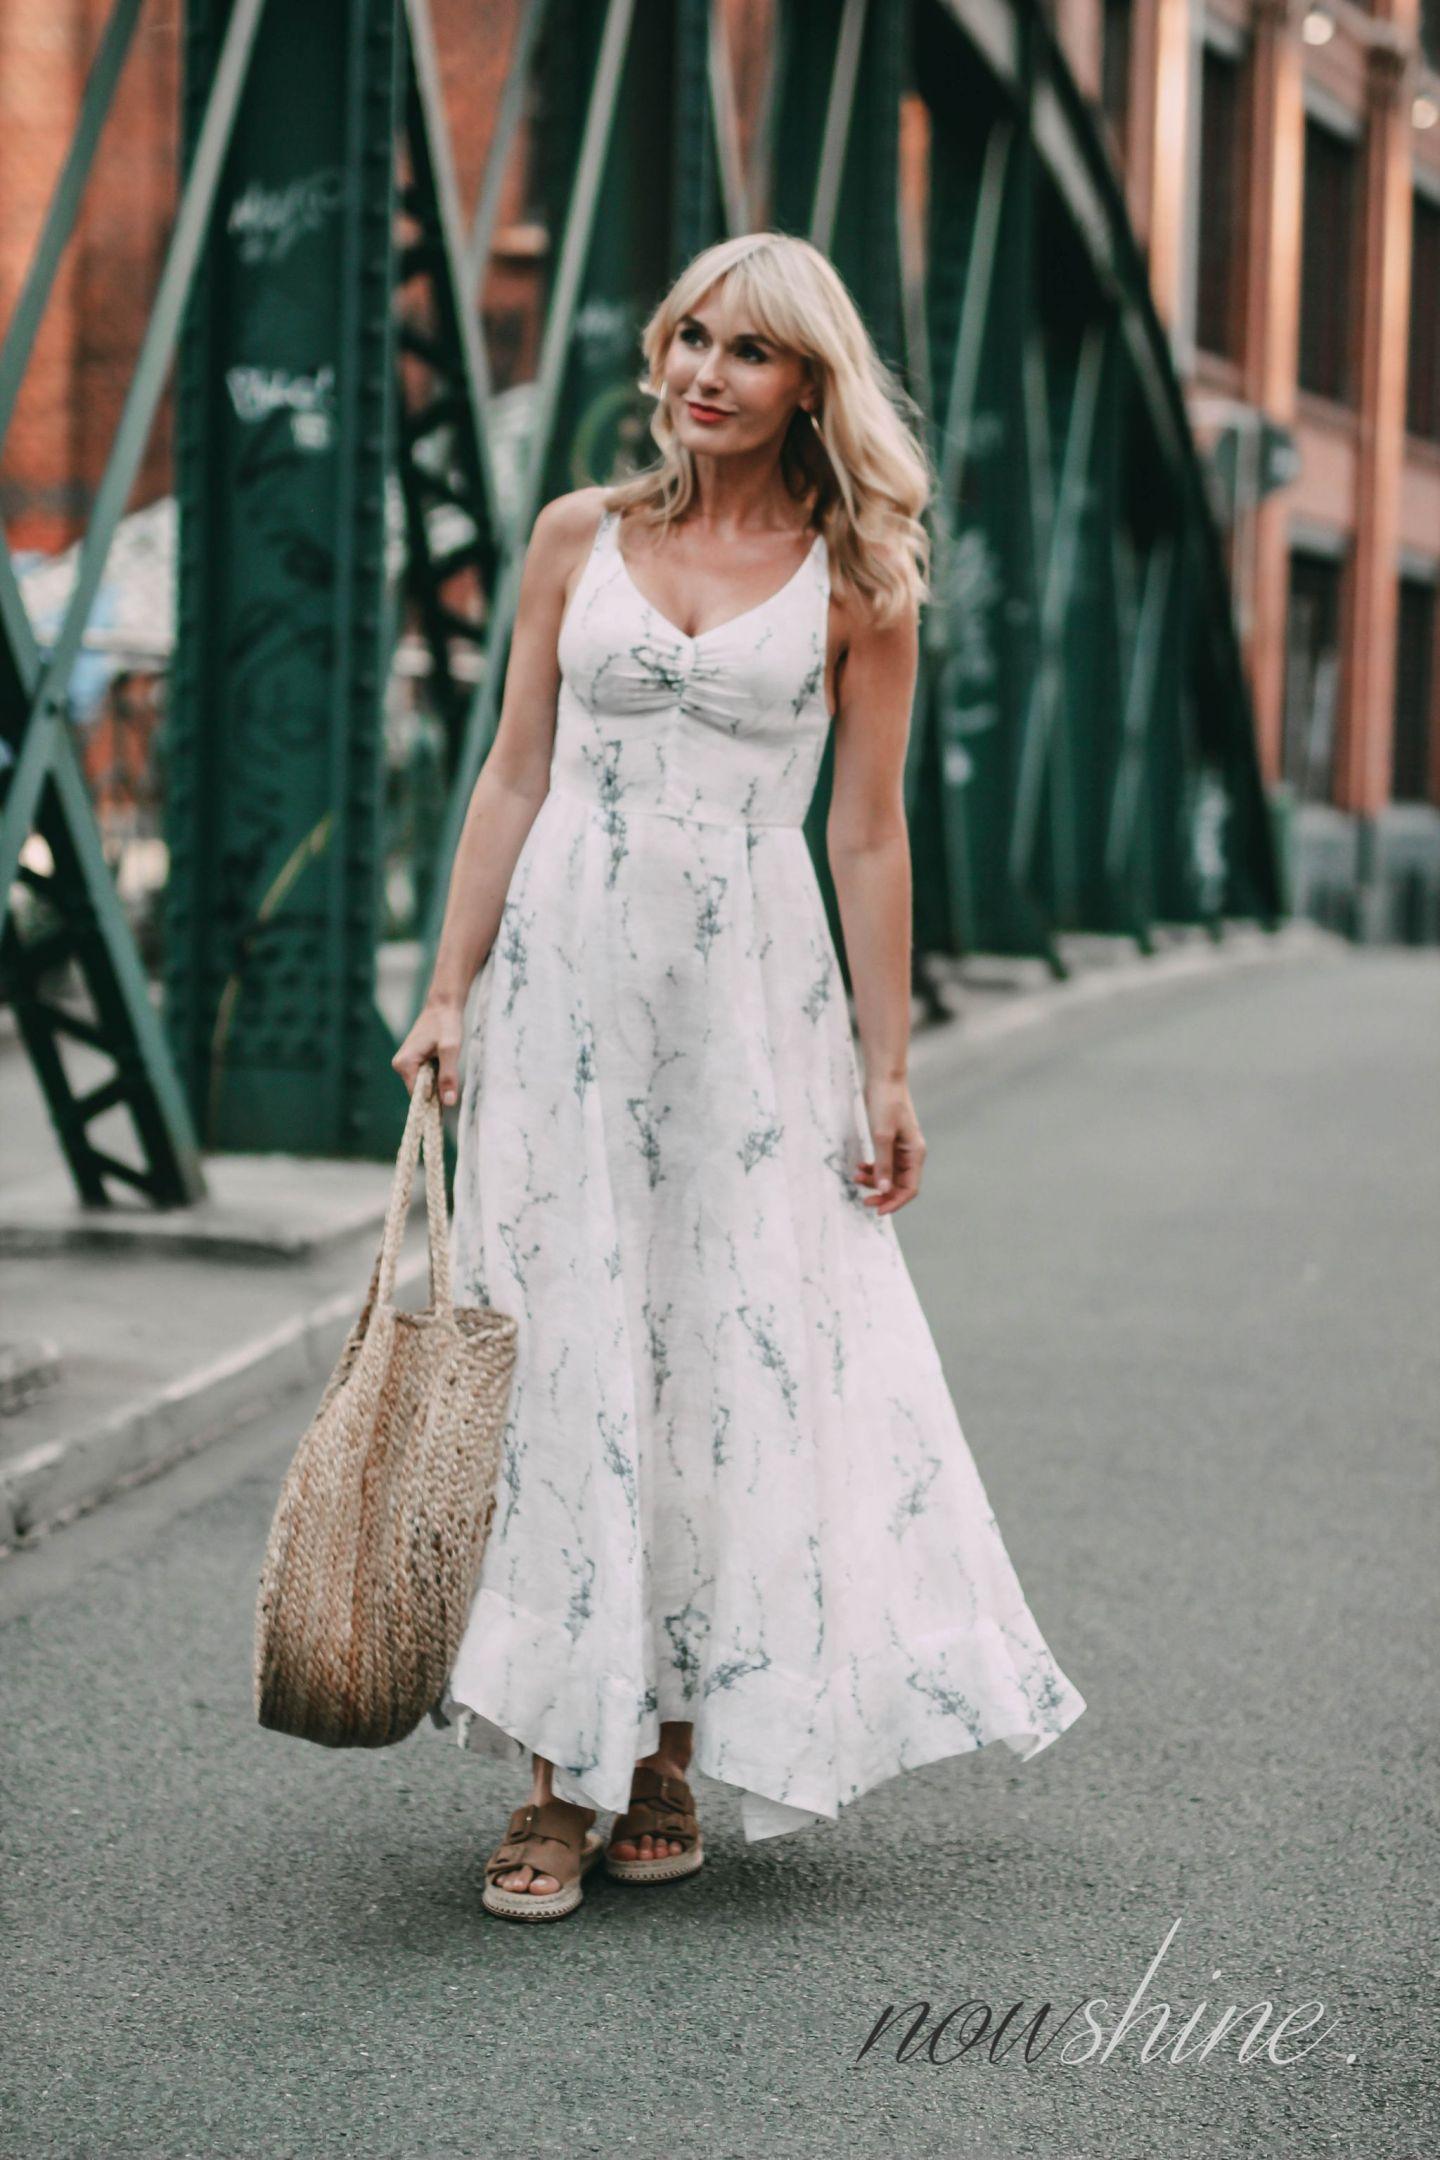 Conscious Exclusive Kleid ist von H&M - Jute Beutel von Mango - Sandalen von Zara - Nowshine Mode ab 40